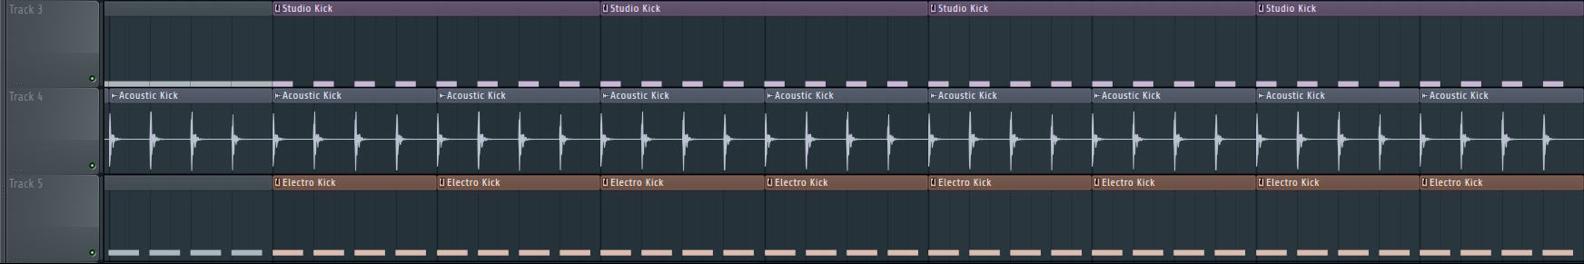 Как создавать музыкальные произведения в FL Studio: интересные приемы - 2